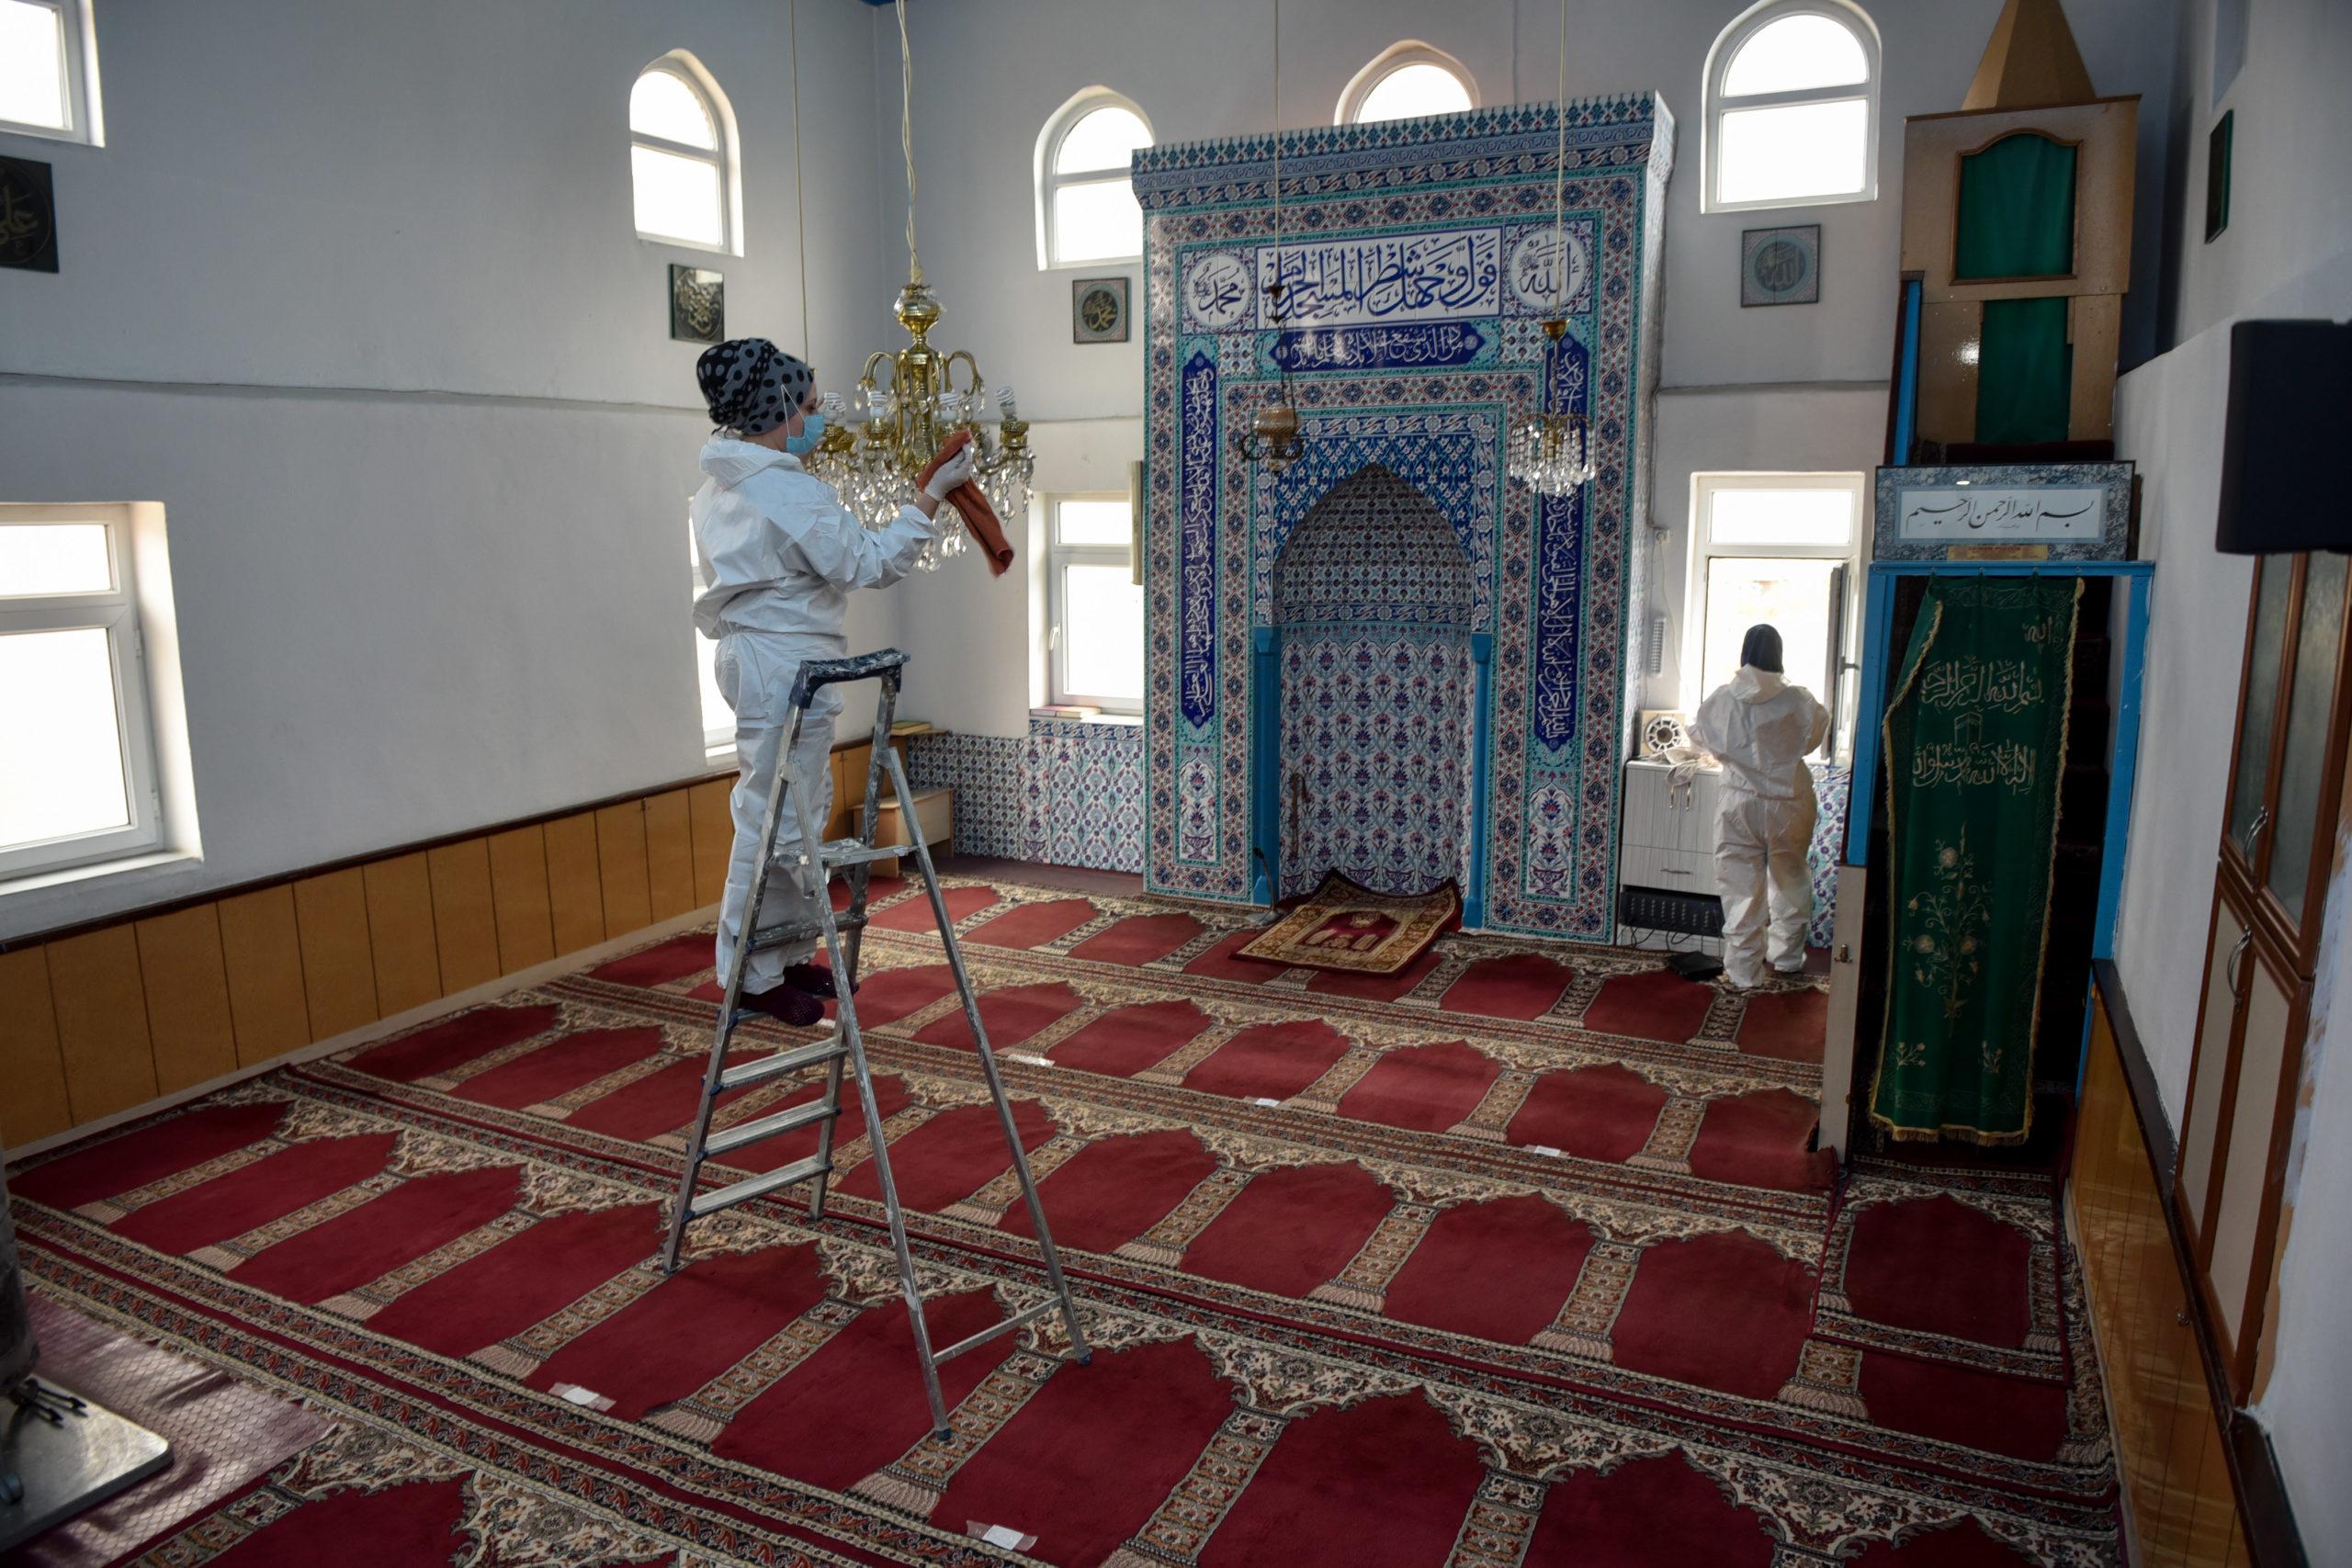 Taşköprü'de Ramazan Ayı Boyunca Camilere Dezenfekte Yapılacak